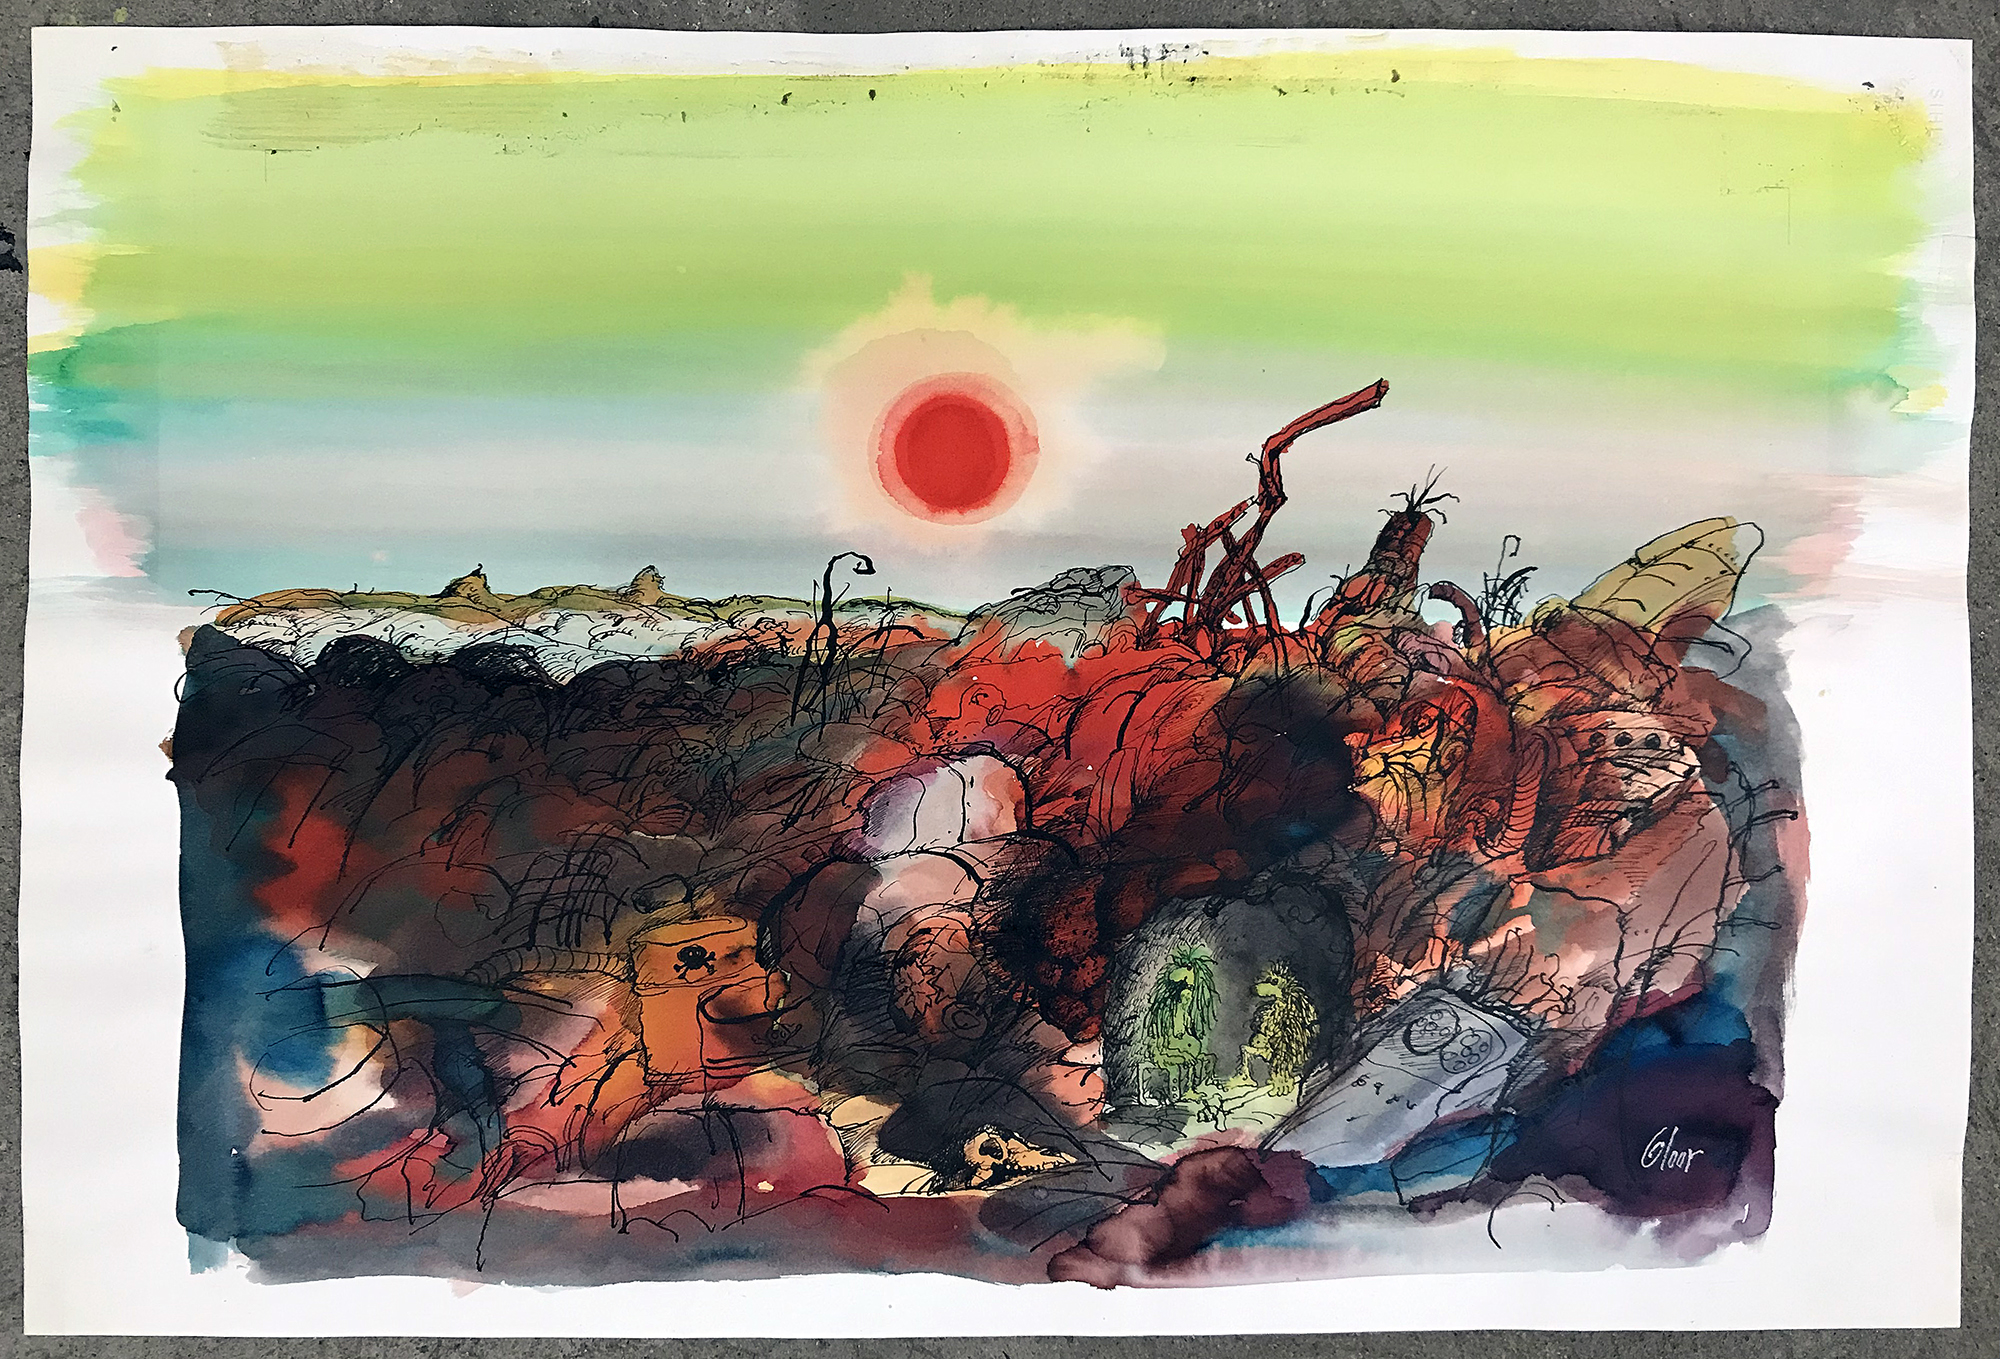 Ohne Titel / Weltuntergang, o.D., Mischtechnik auf Papier, 57 x 38 cm, ohne Rahmen